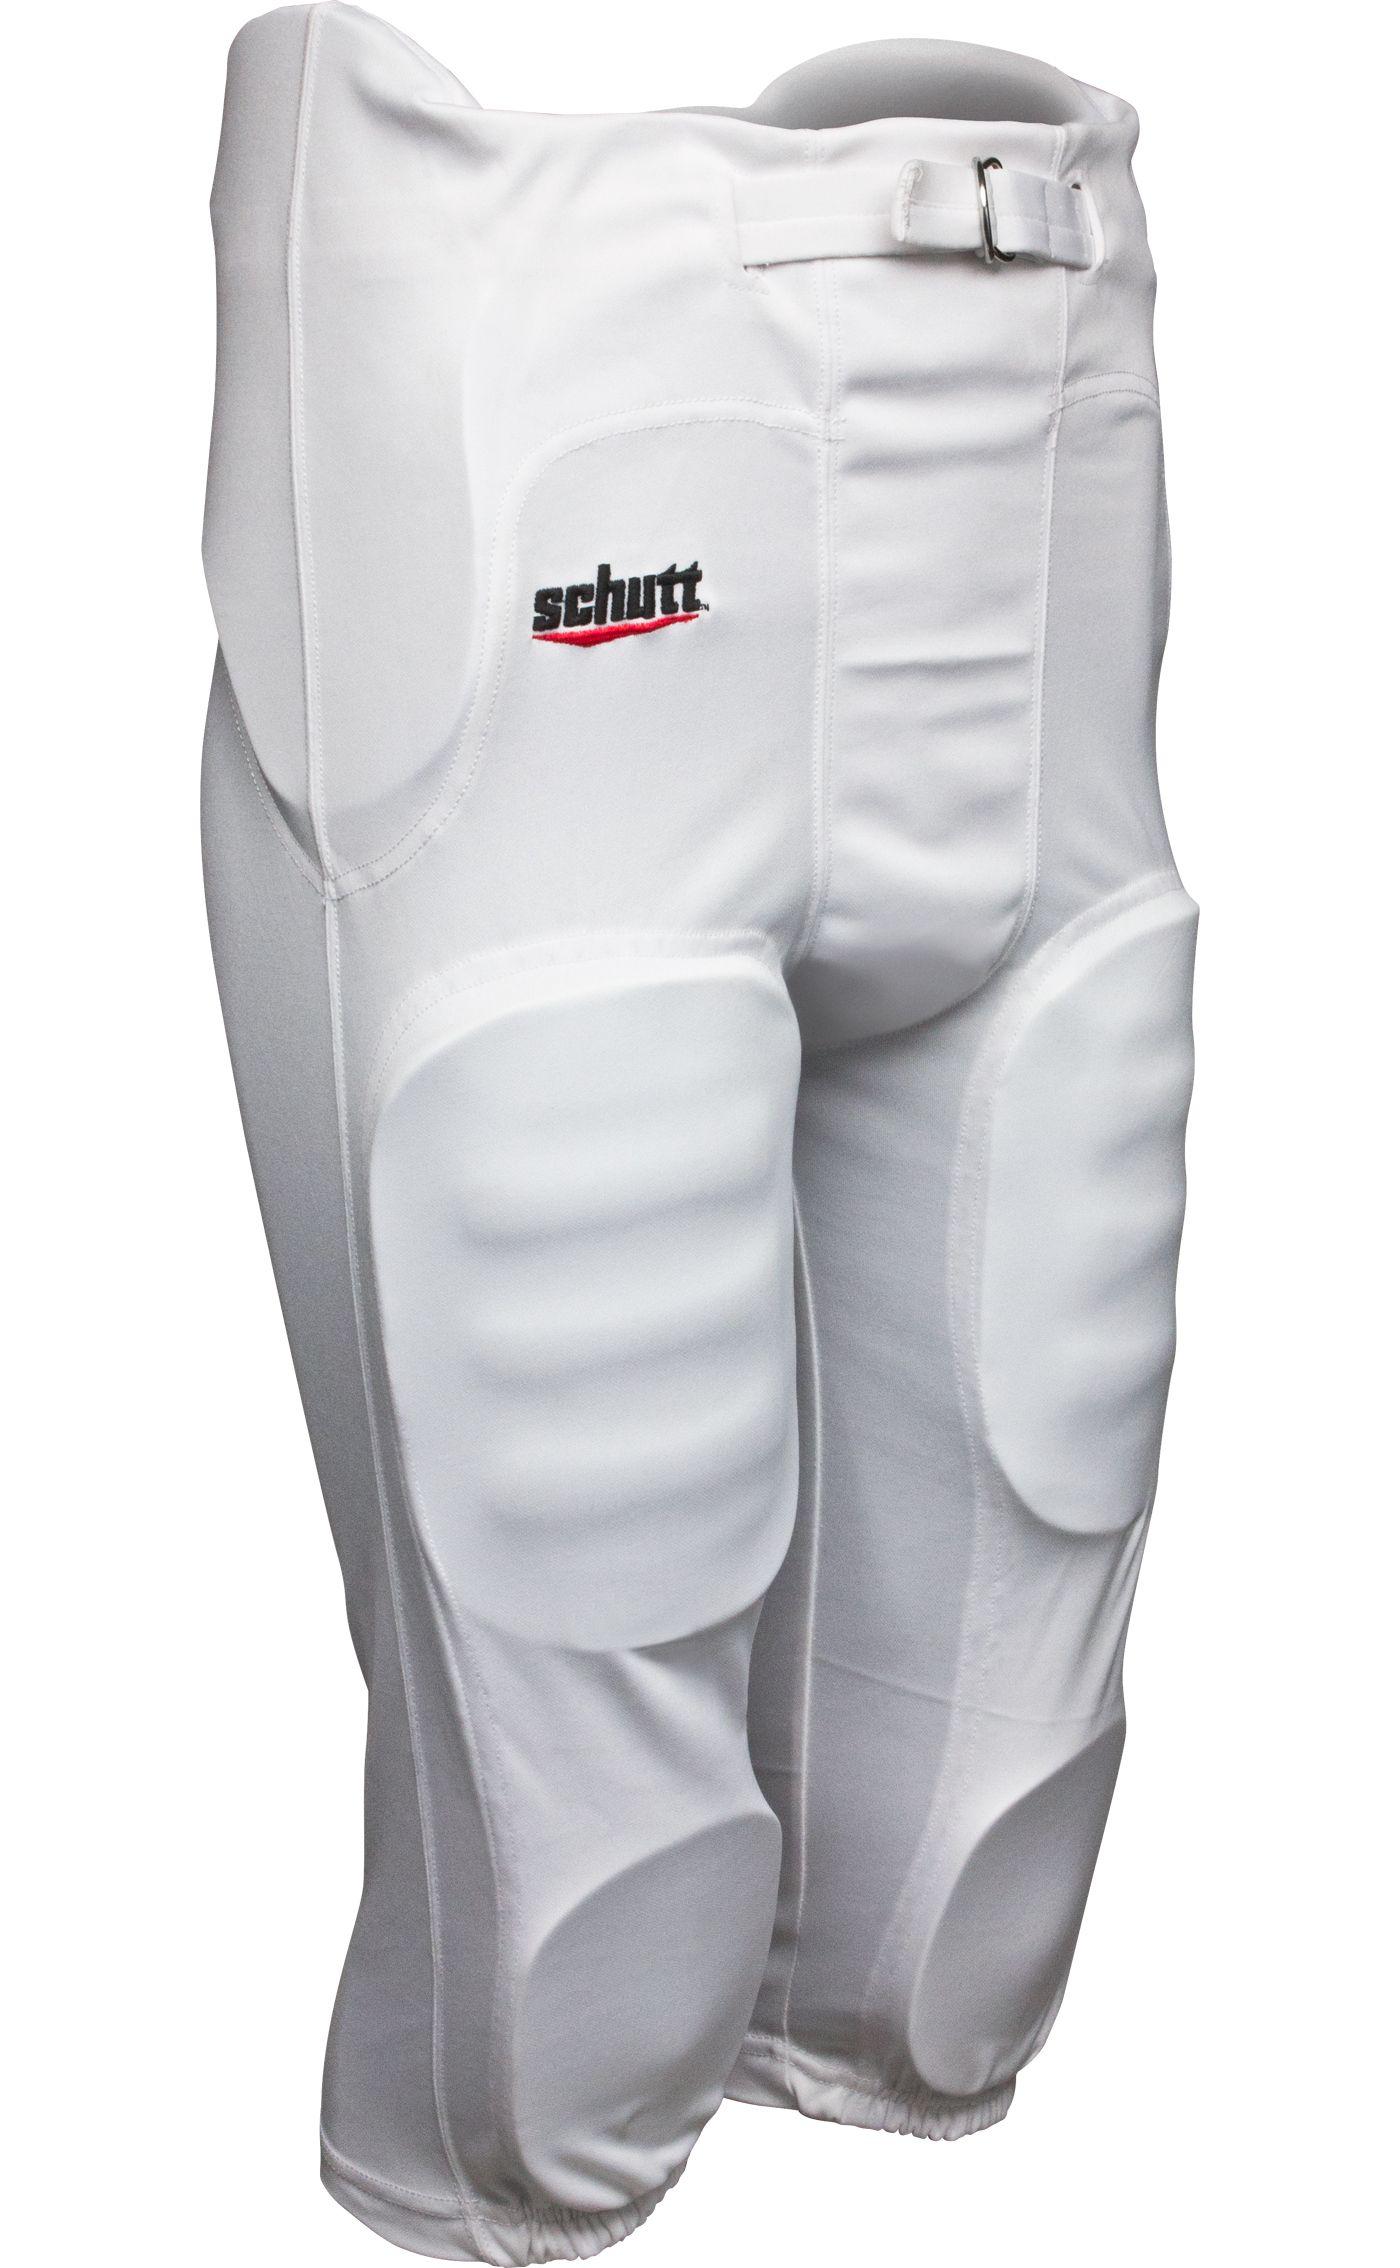 Schutt Men's Integrated Football Pants